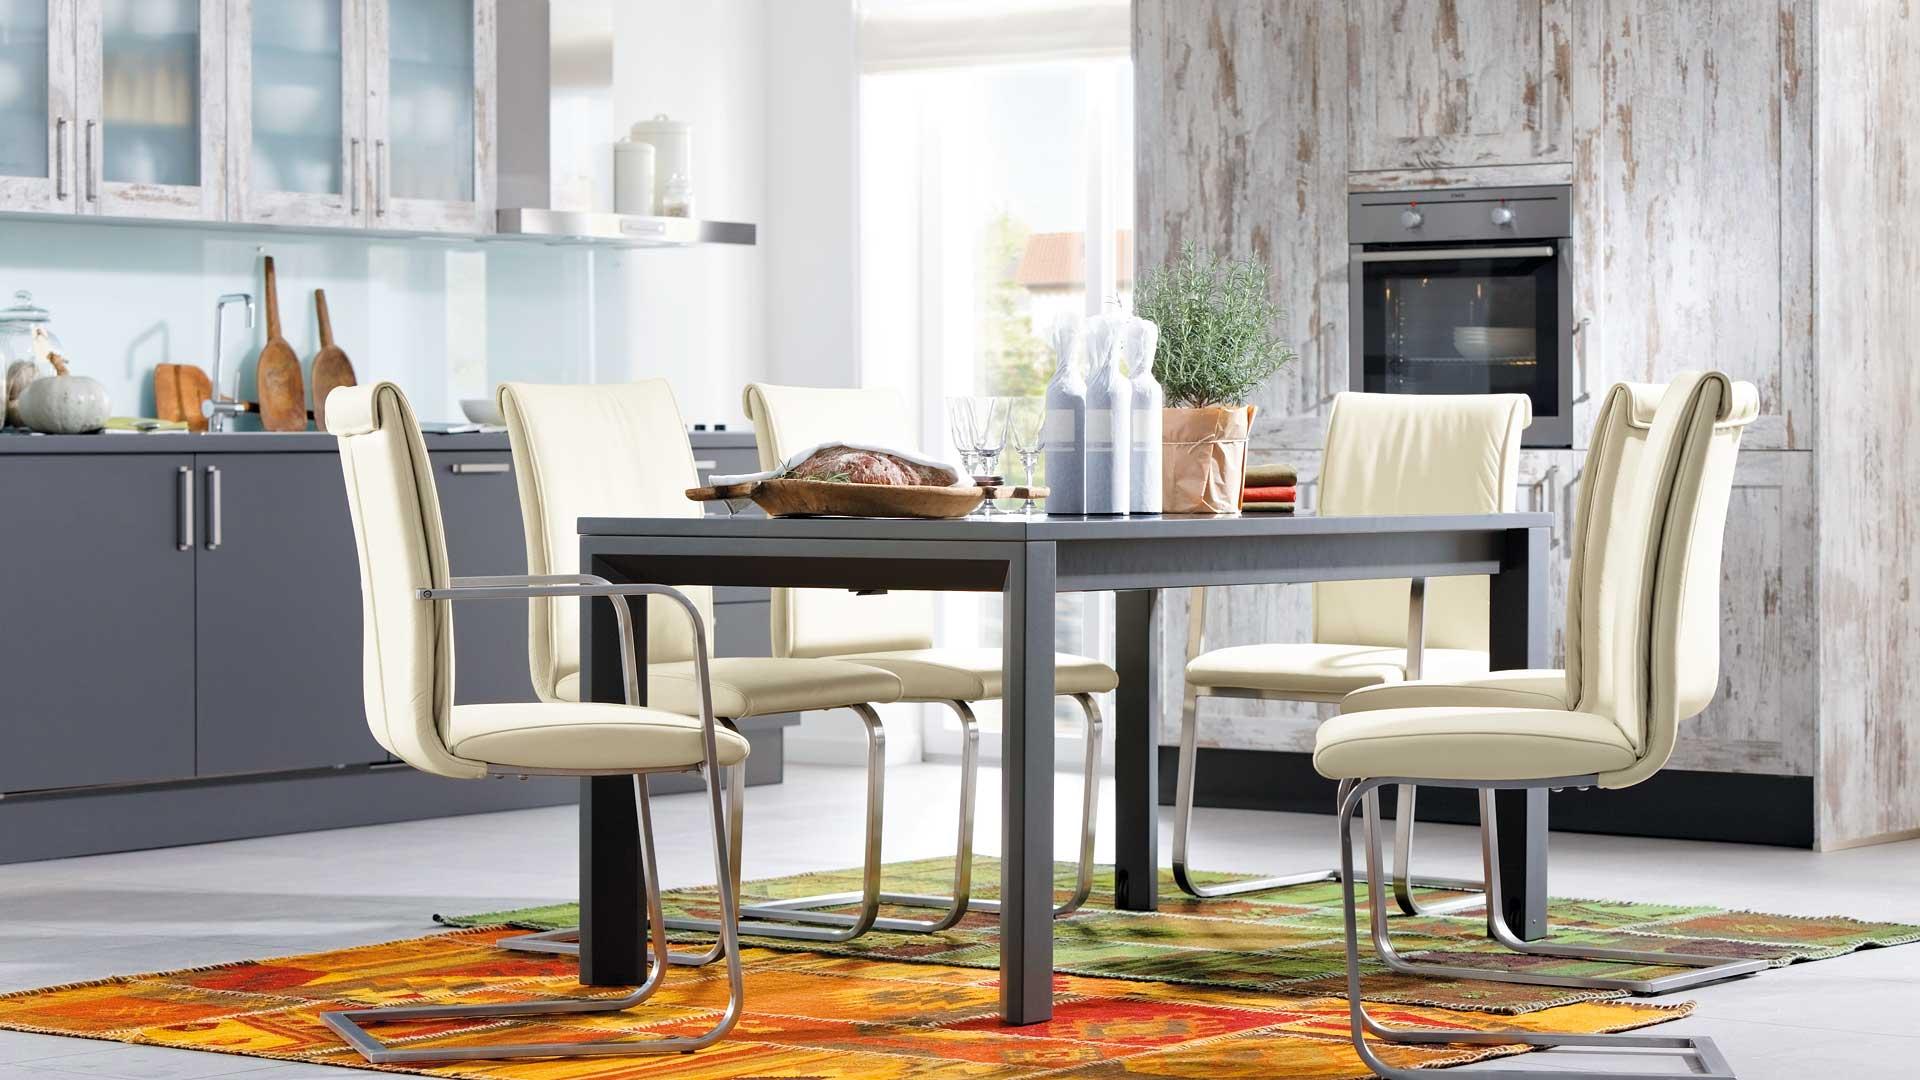 Global Küchentisch Und Stuhl In Wipperfürth Nahe Remscheid